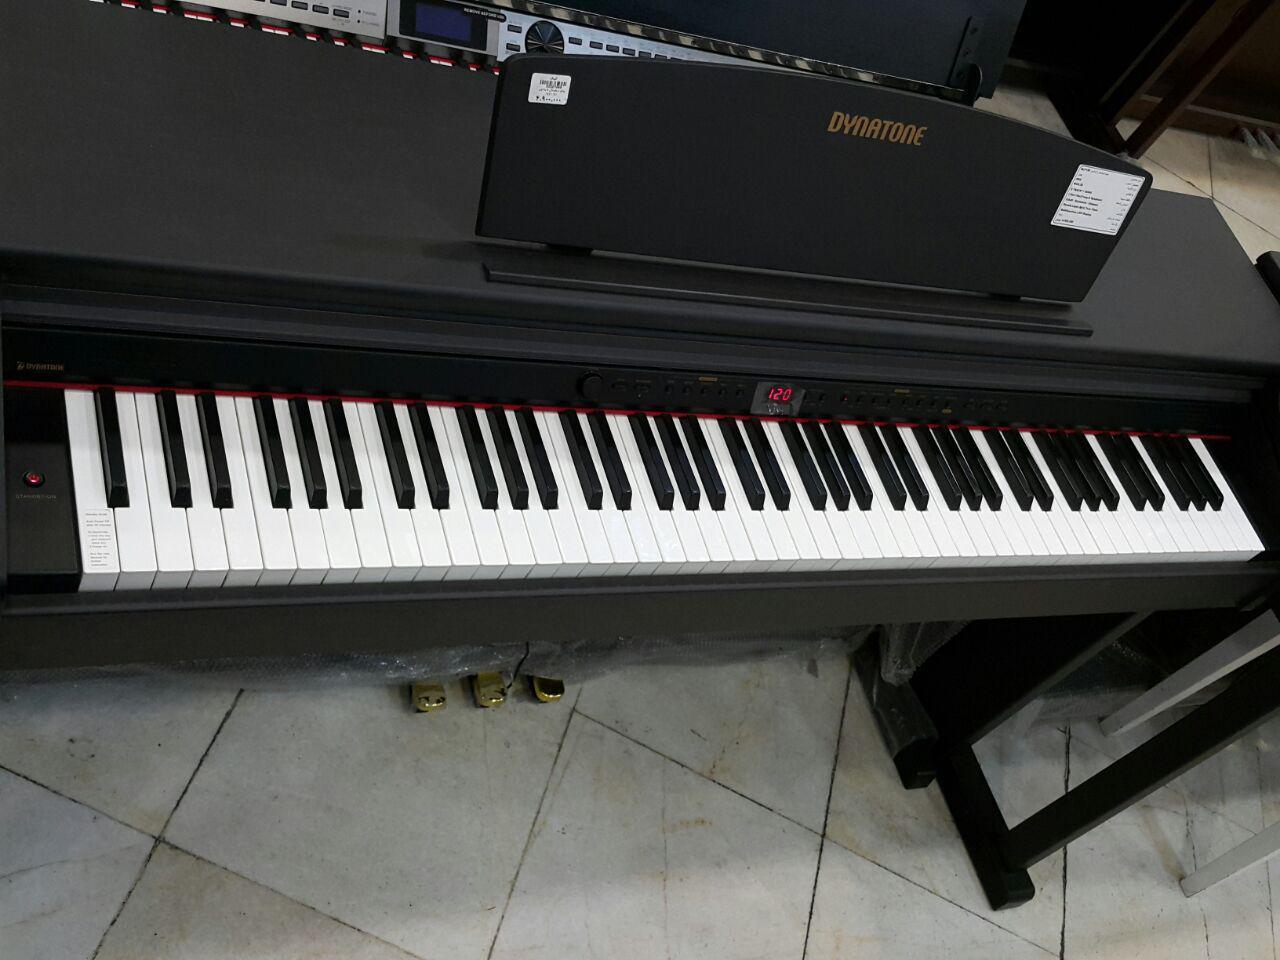 پیانو فقط با 2 میلیون و 450 هزار تومان